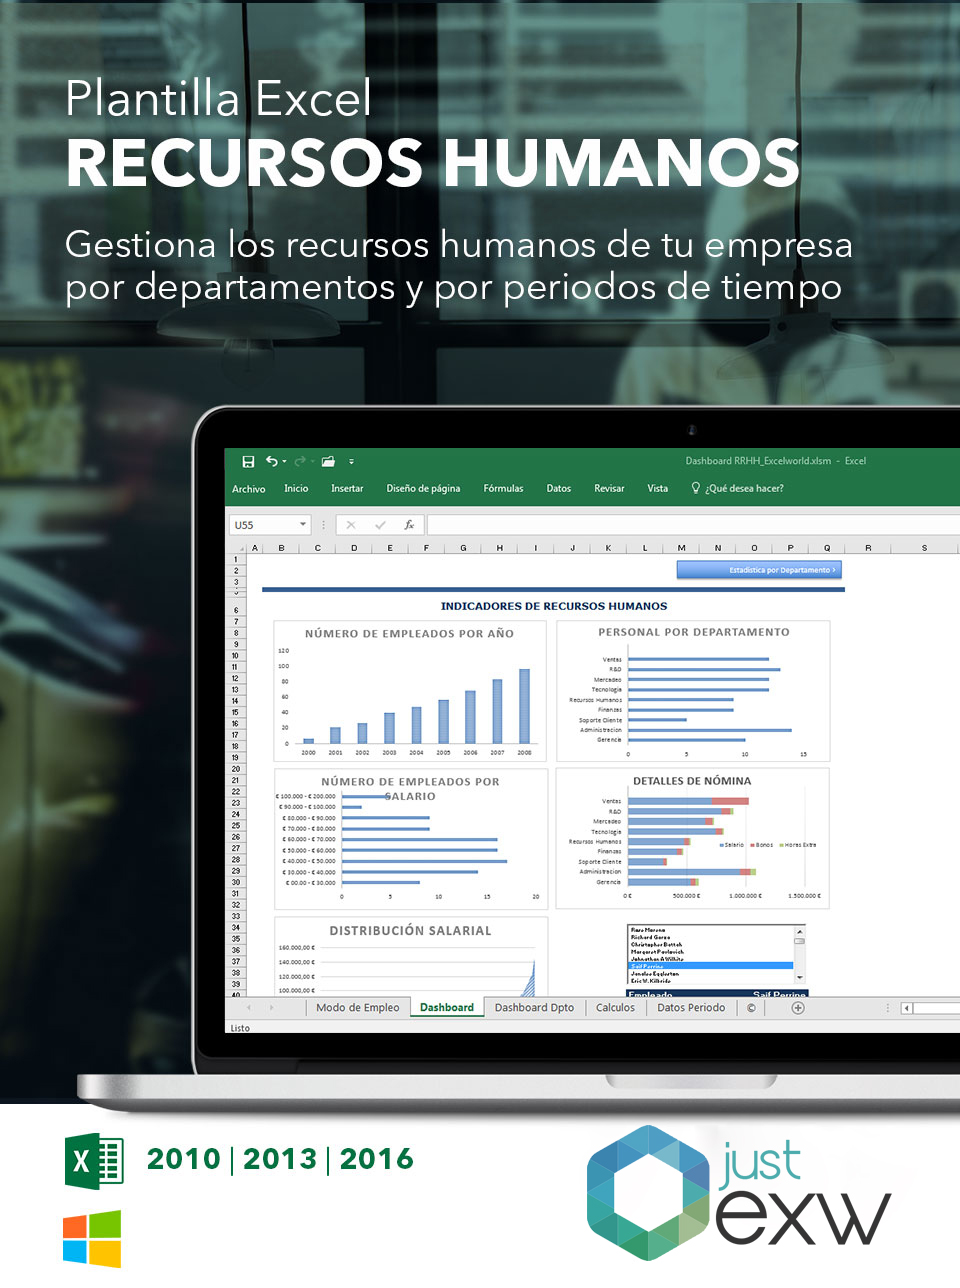 Plantilla de Dashboard de Recursos Humanos en Excel | Plantilla ...